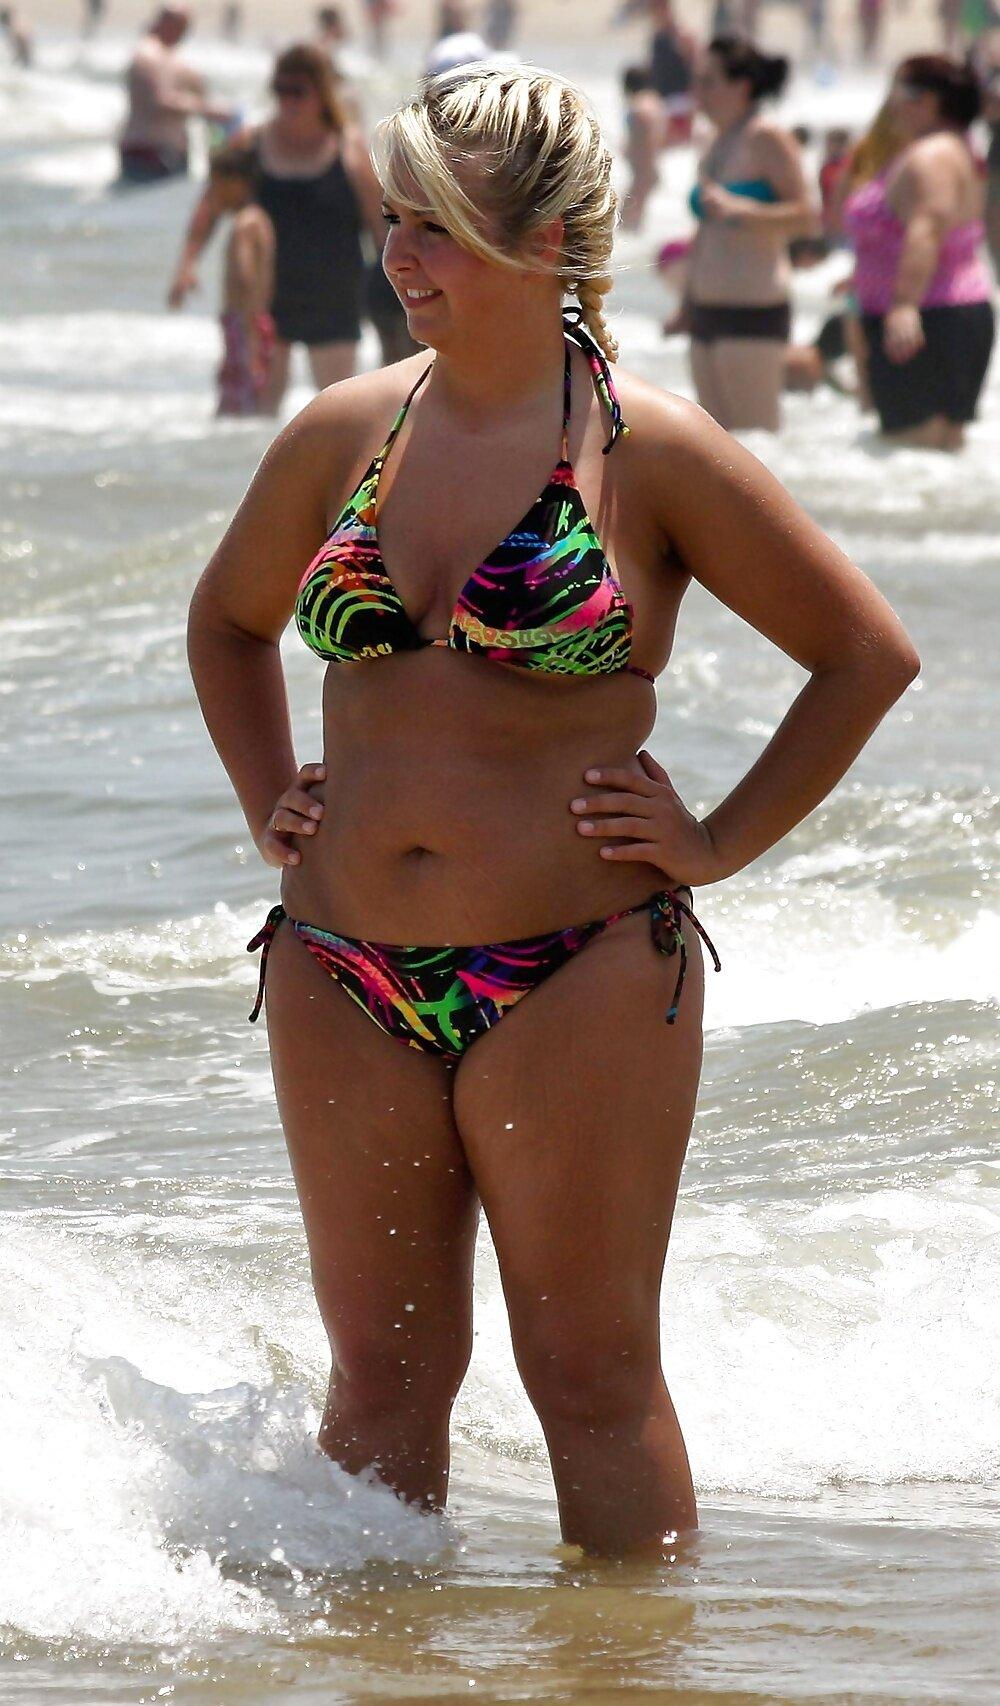 Nacked fat beach babes ass pics